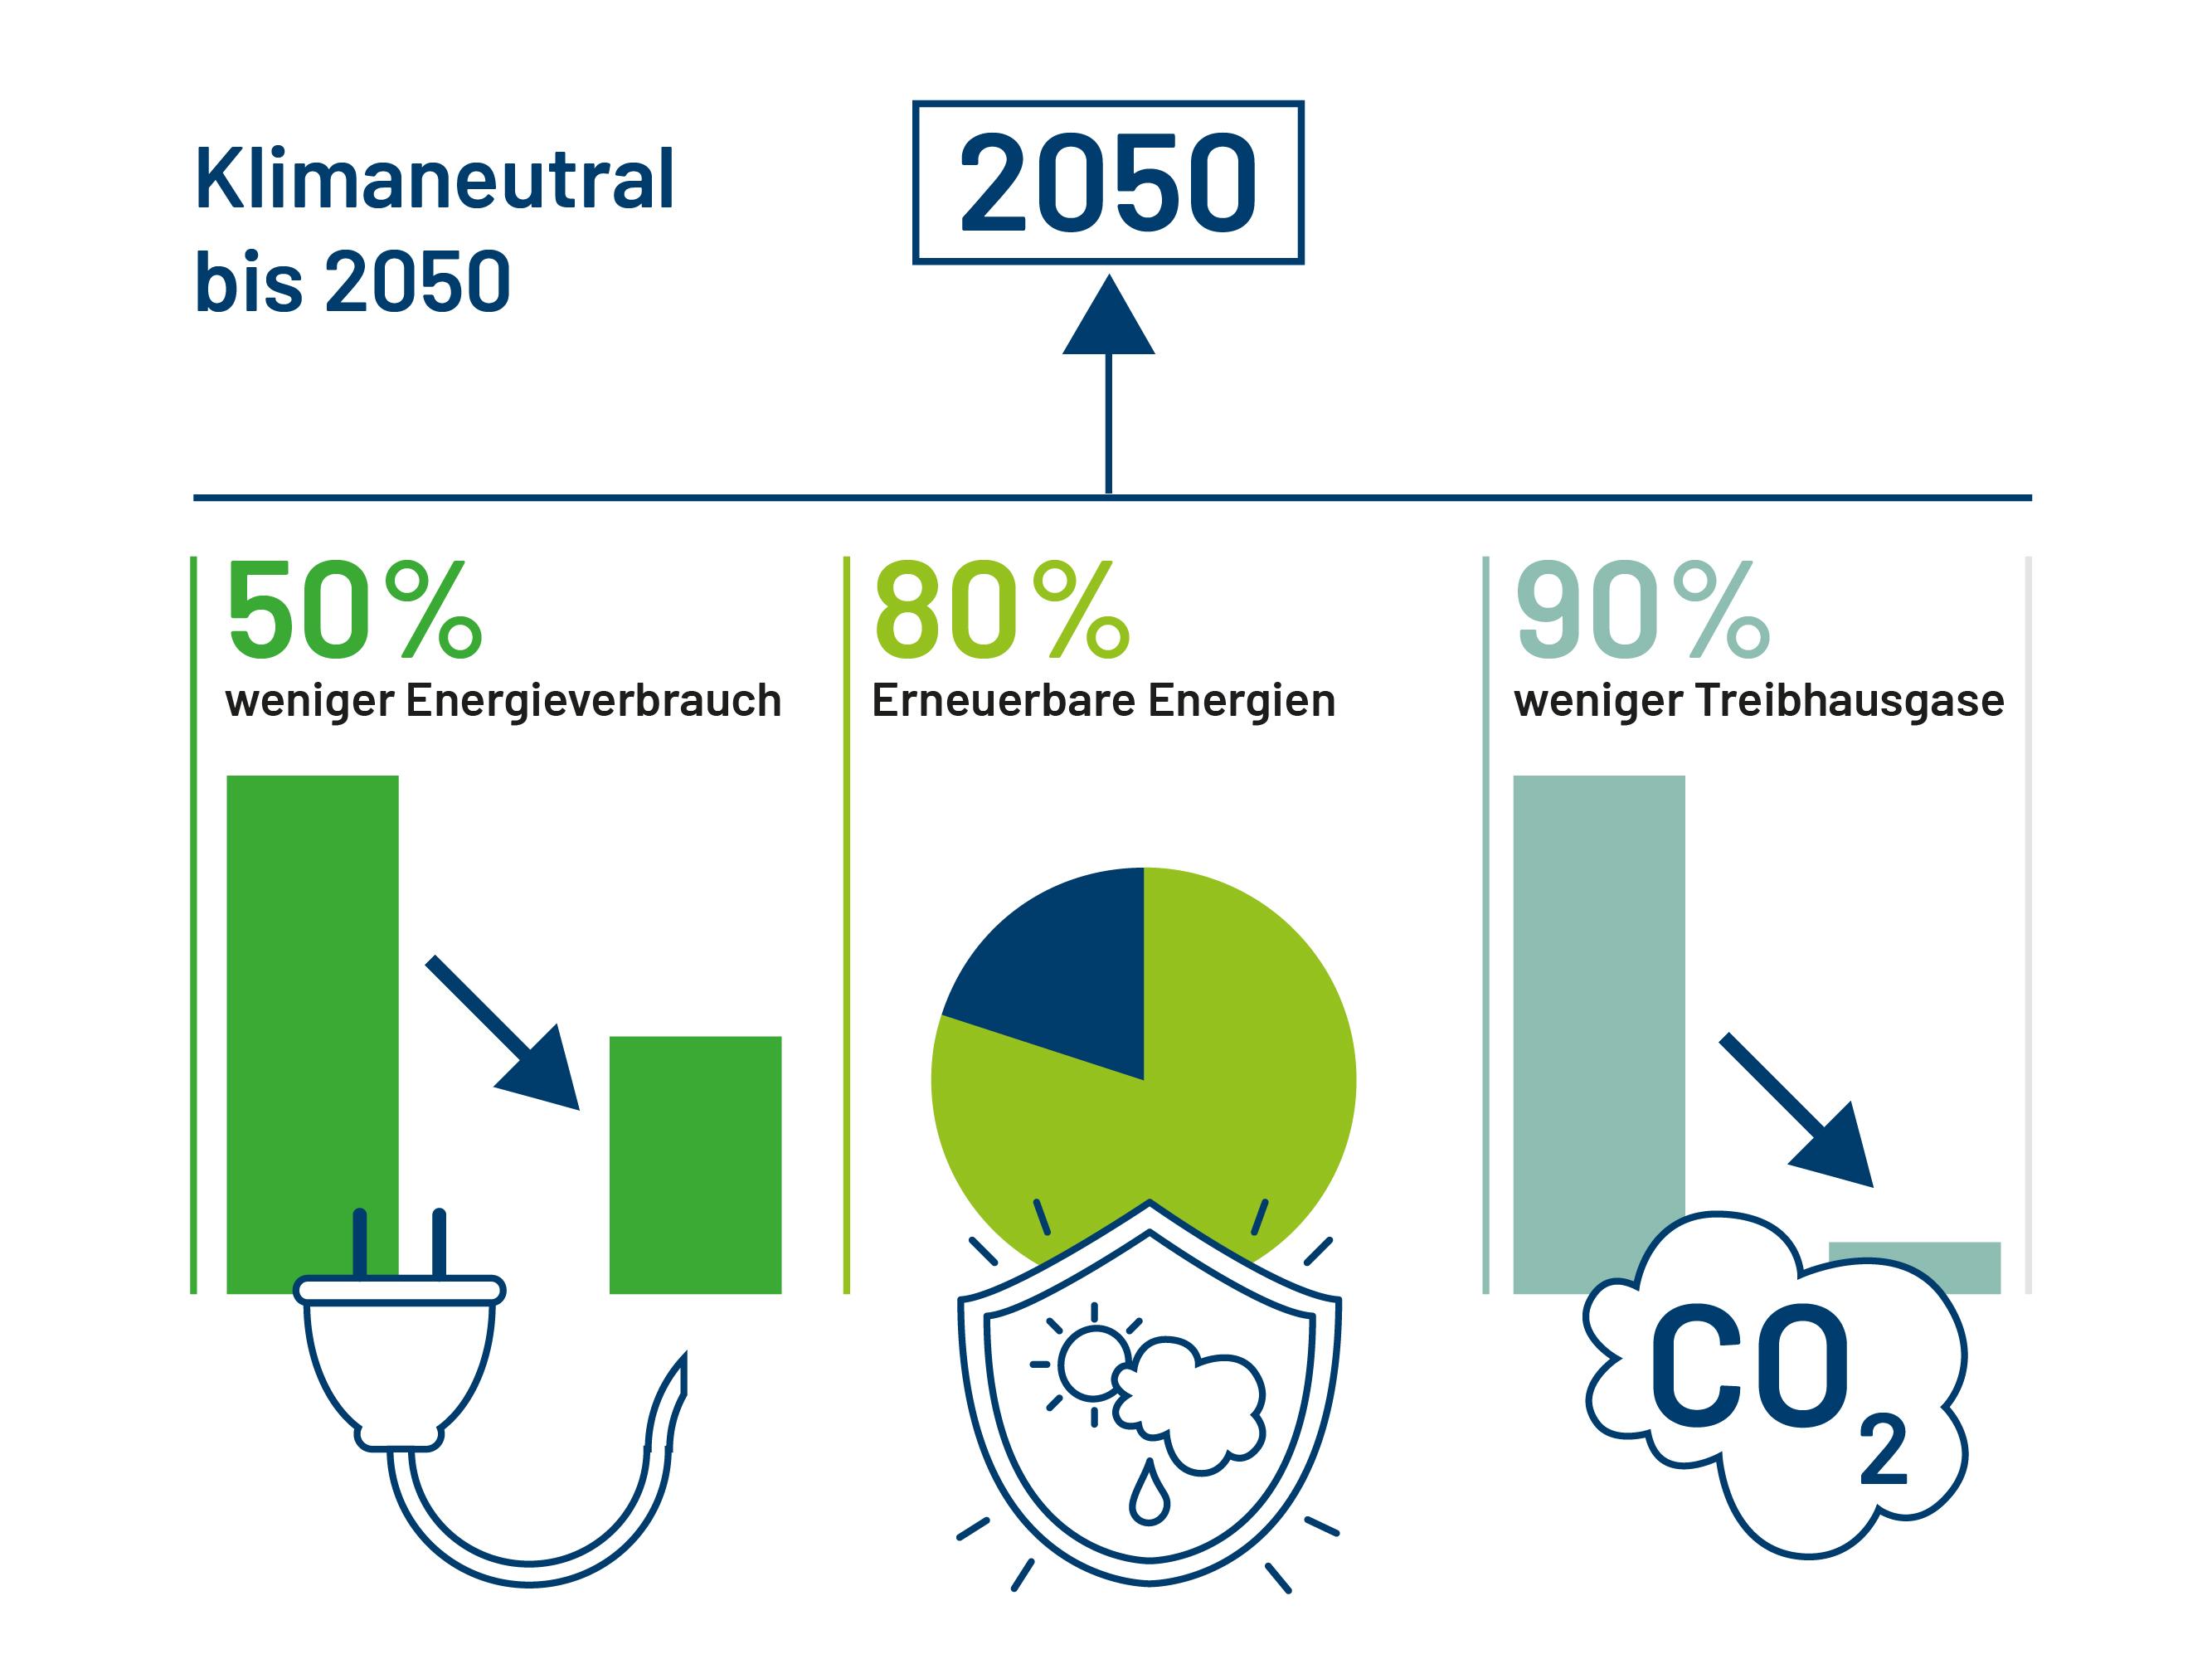 Kommunen: Klimaneutral bis 2050. 50% weniger Energieverbrauch, 80% Erneuerbare Energien, 90% weniger Treibhausgause